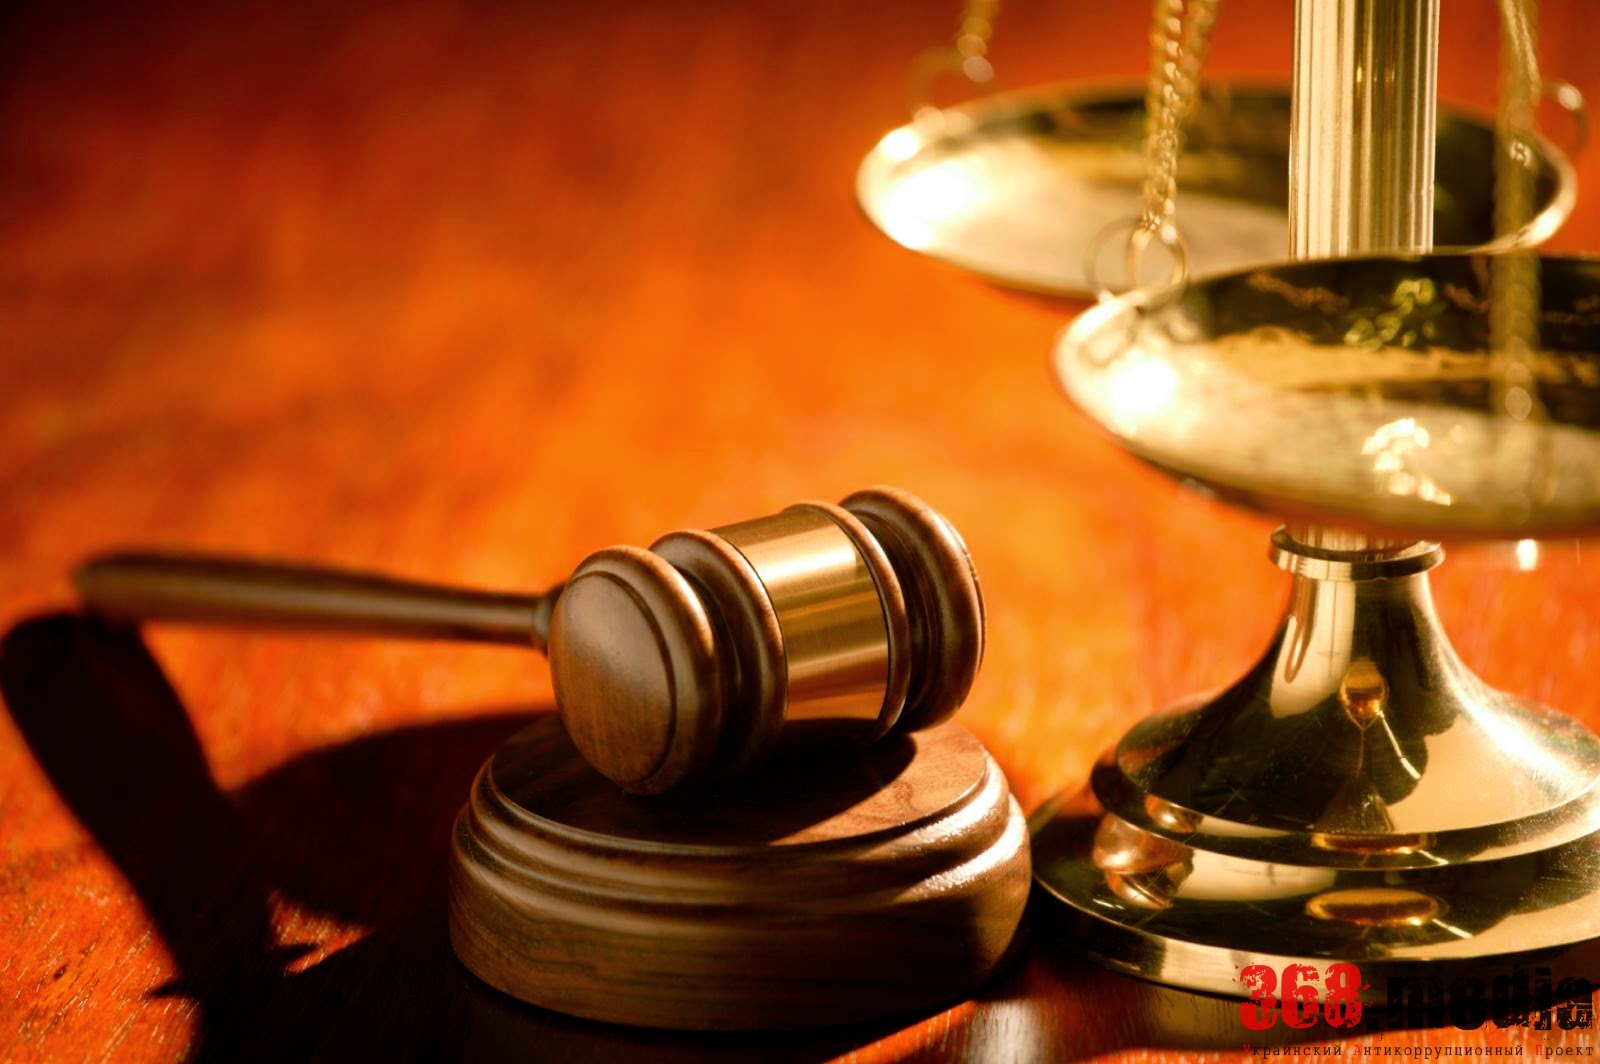 Судья Капля исправился: коррупционеру из Одесского горсовета назначили залог в миллион гривен